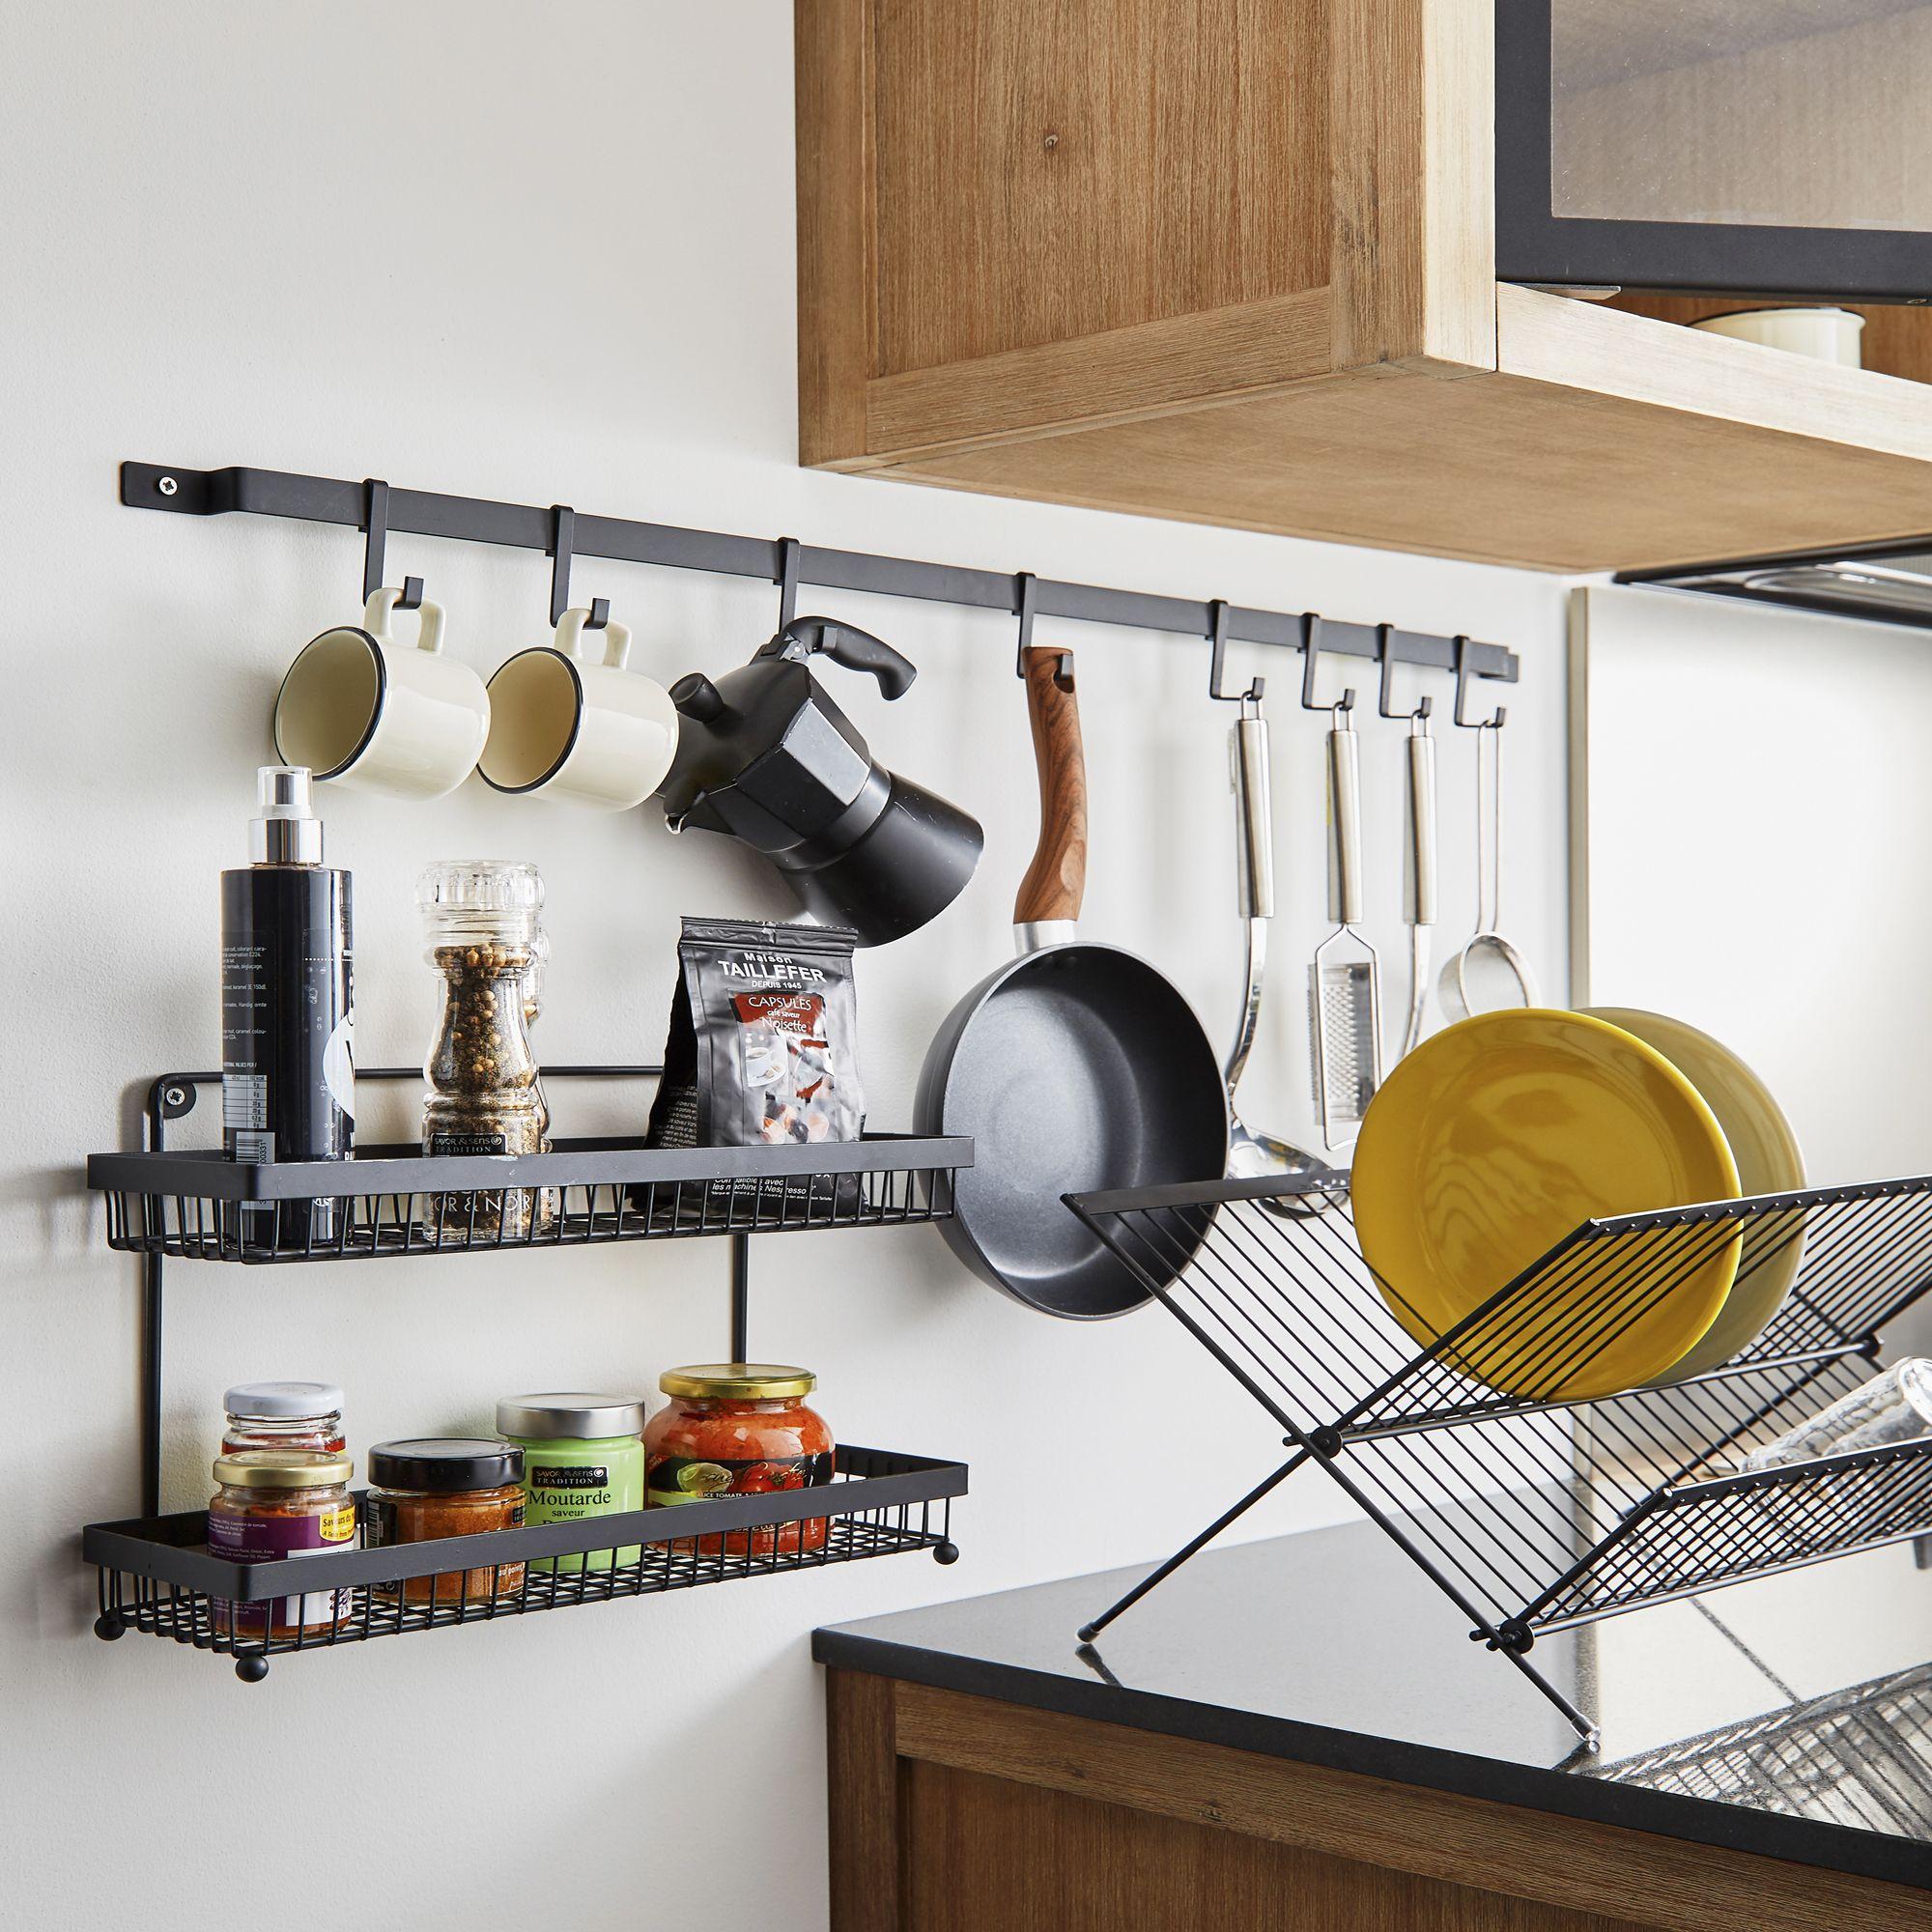 Inspiring Idee Deco Ustensiles Cuisine